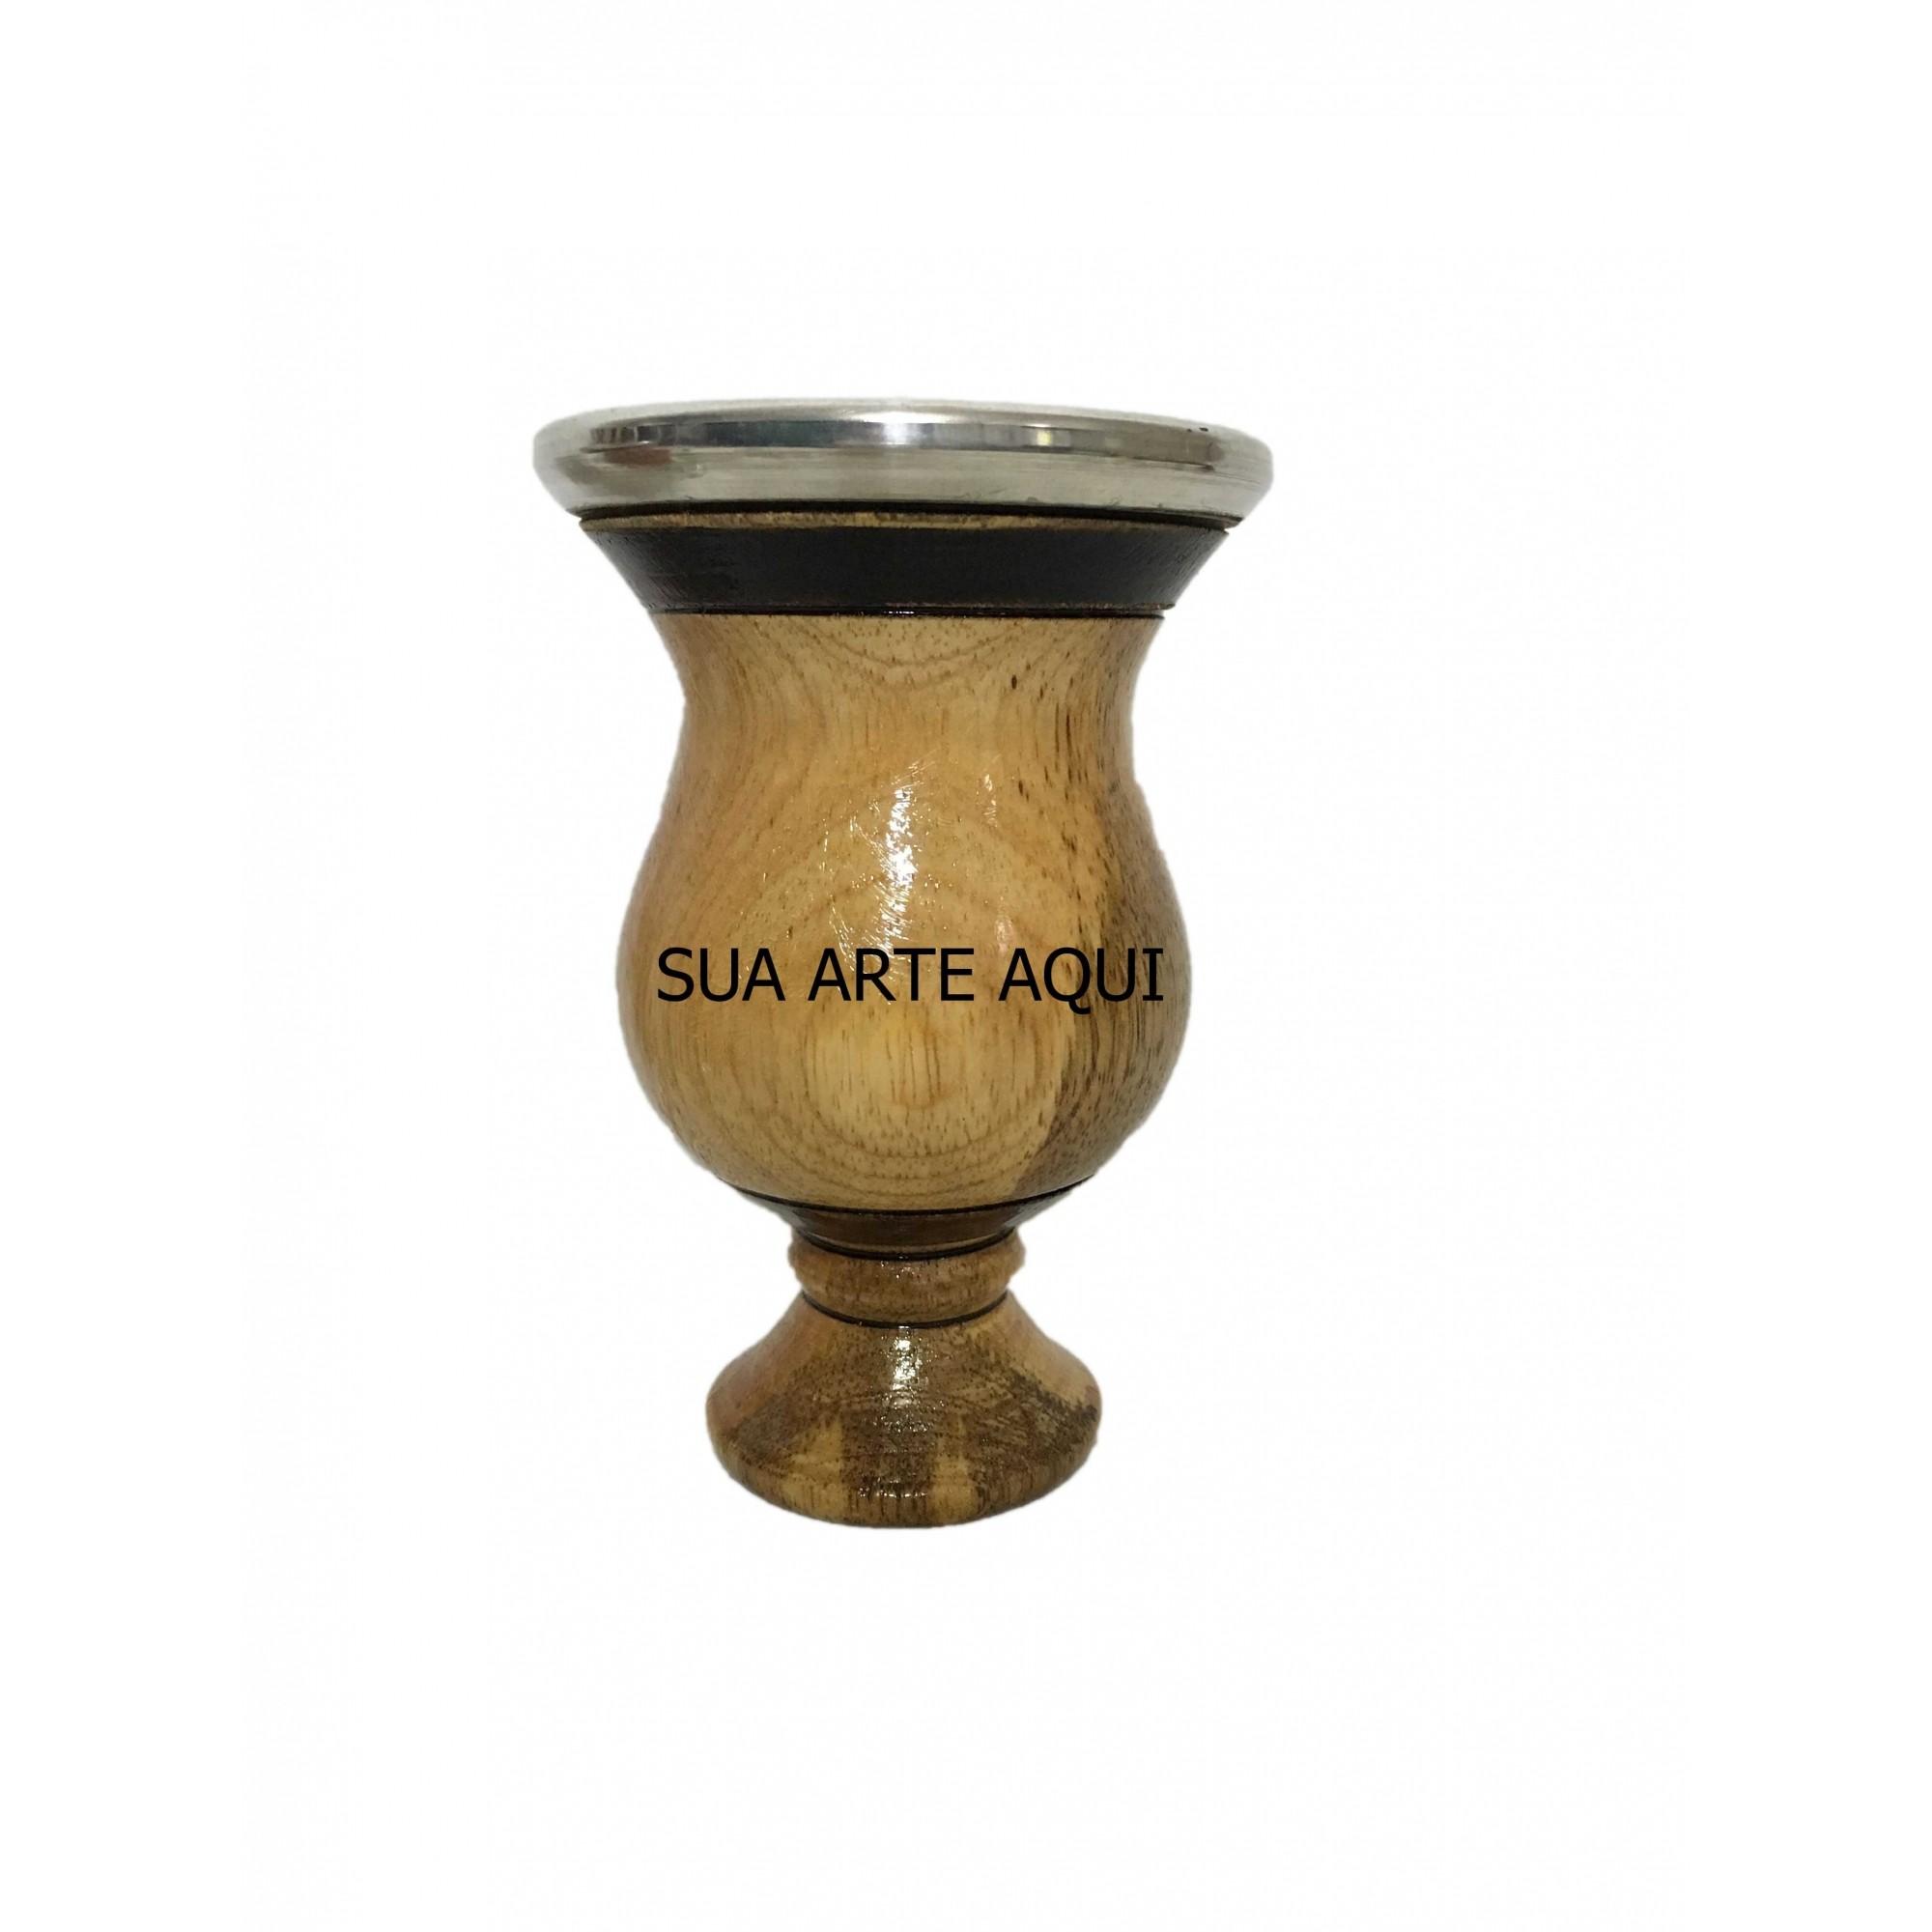 Cuia de madeira imbuia bocal alumínio personalizada